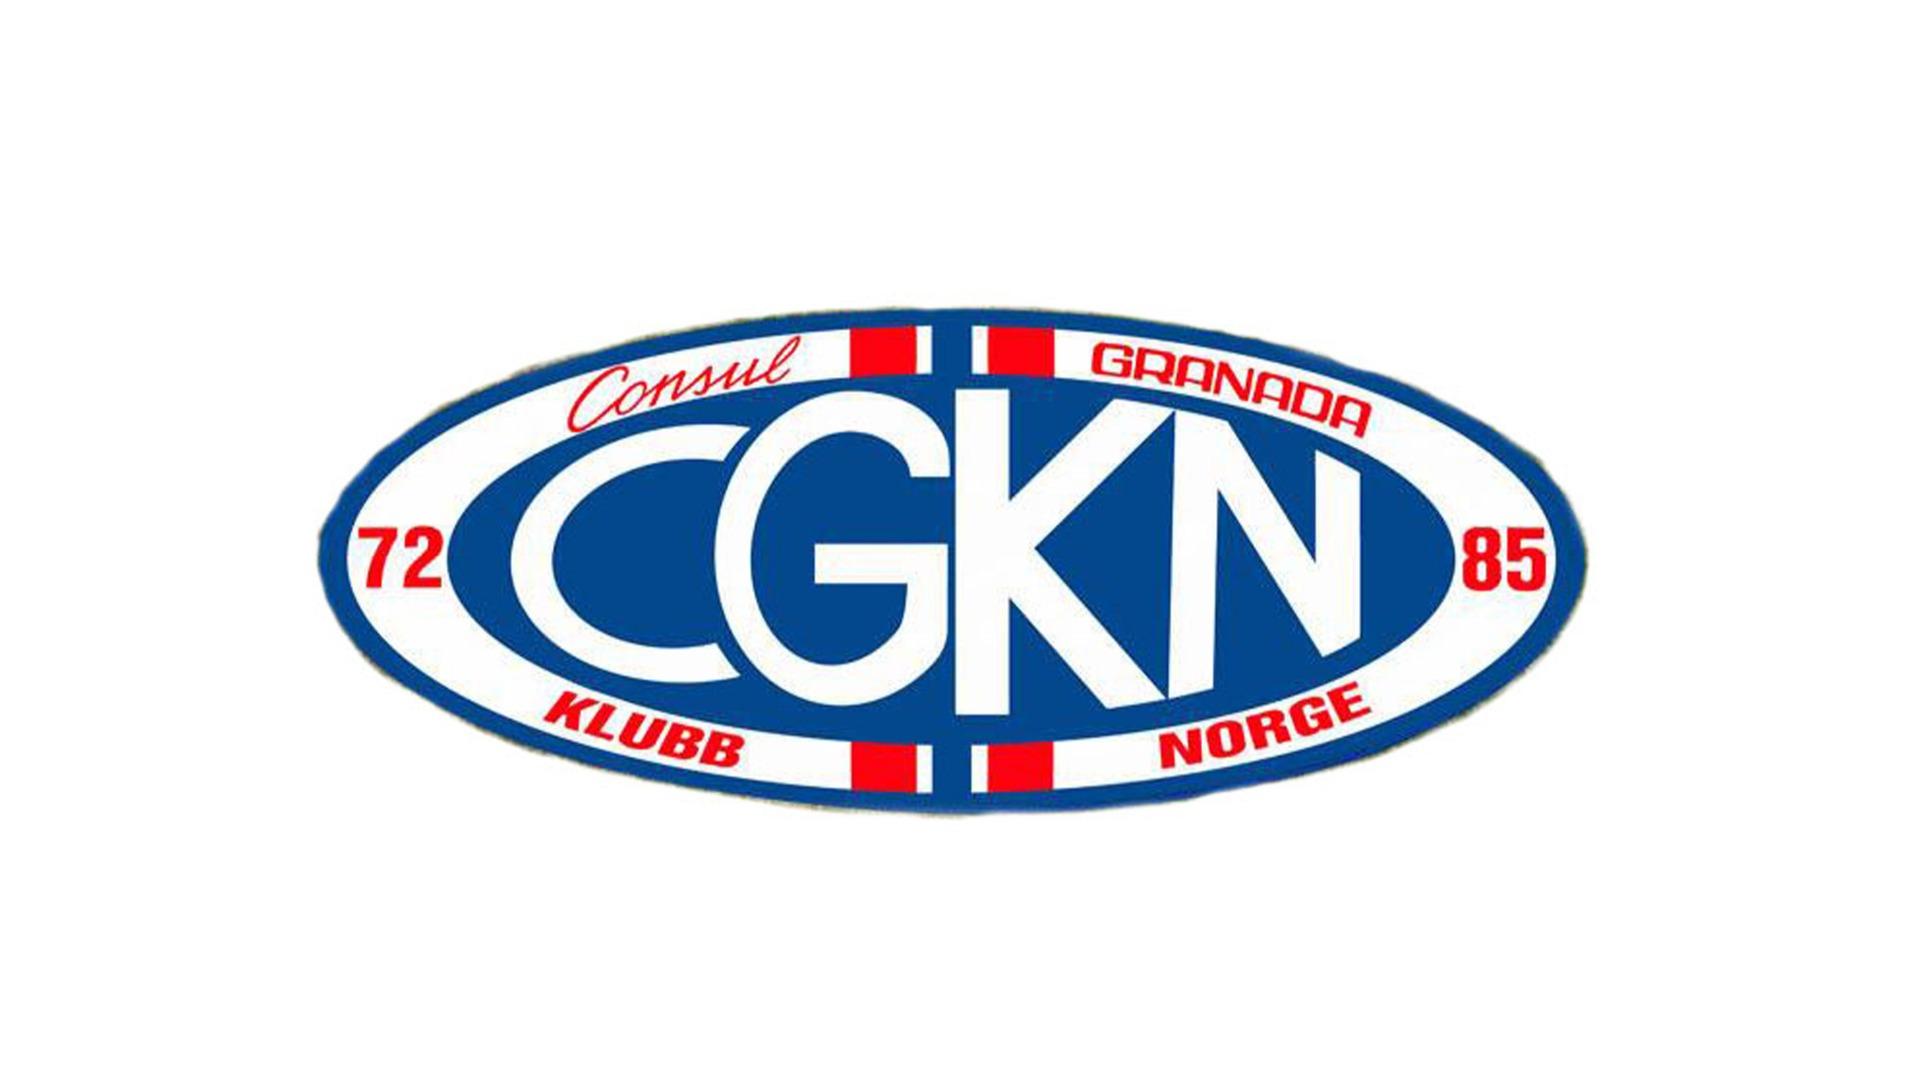 Consul+Granada+klubb+norge-Fullskjerm.jpg